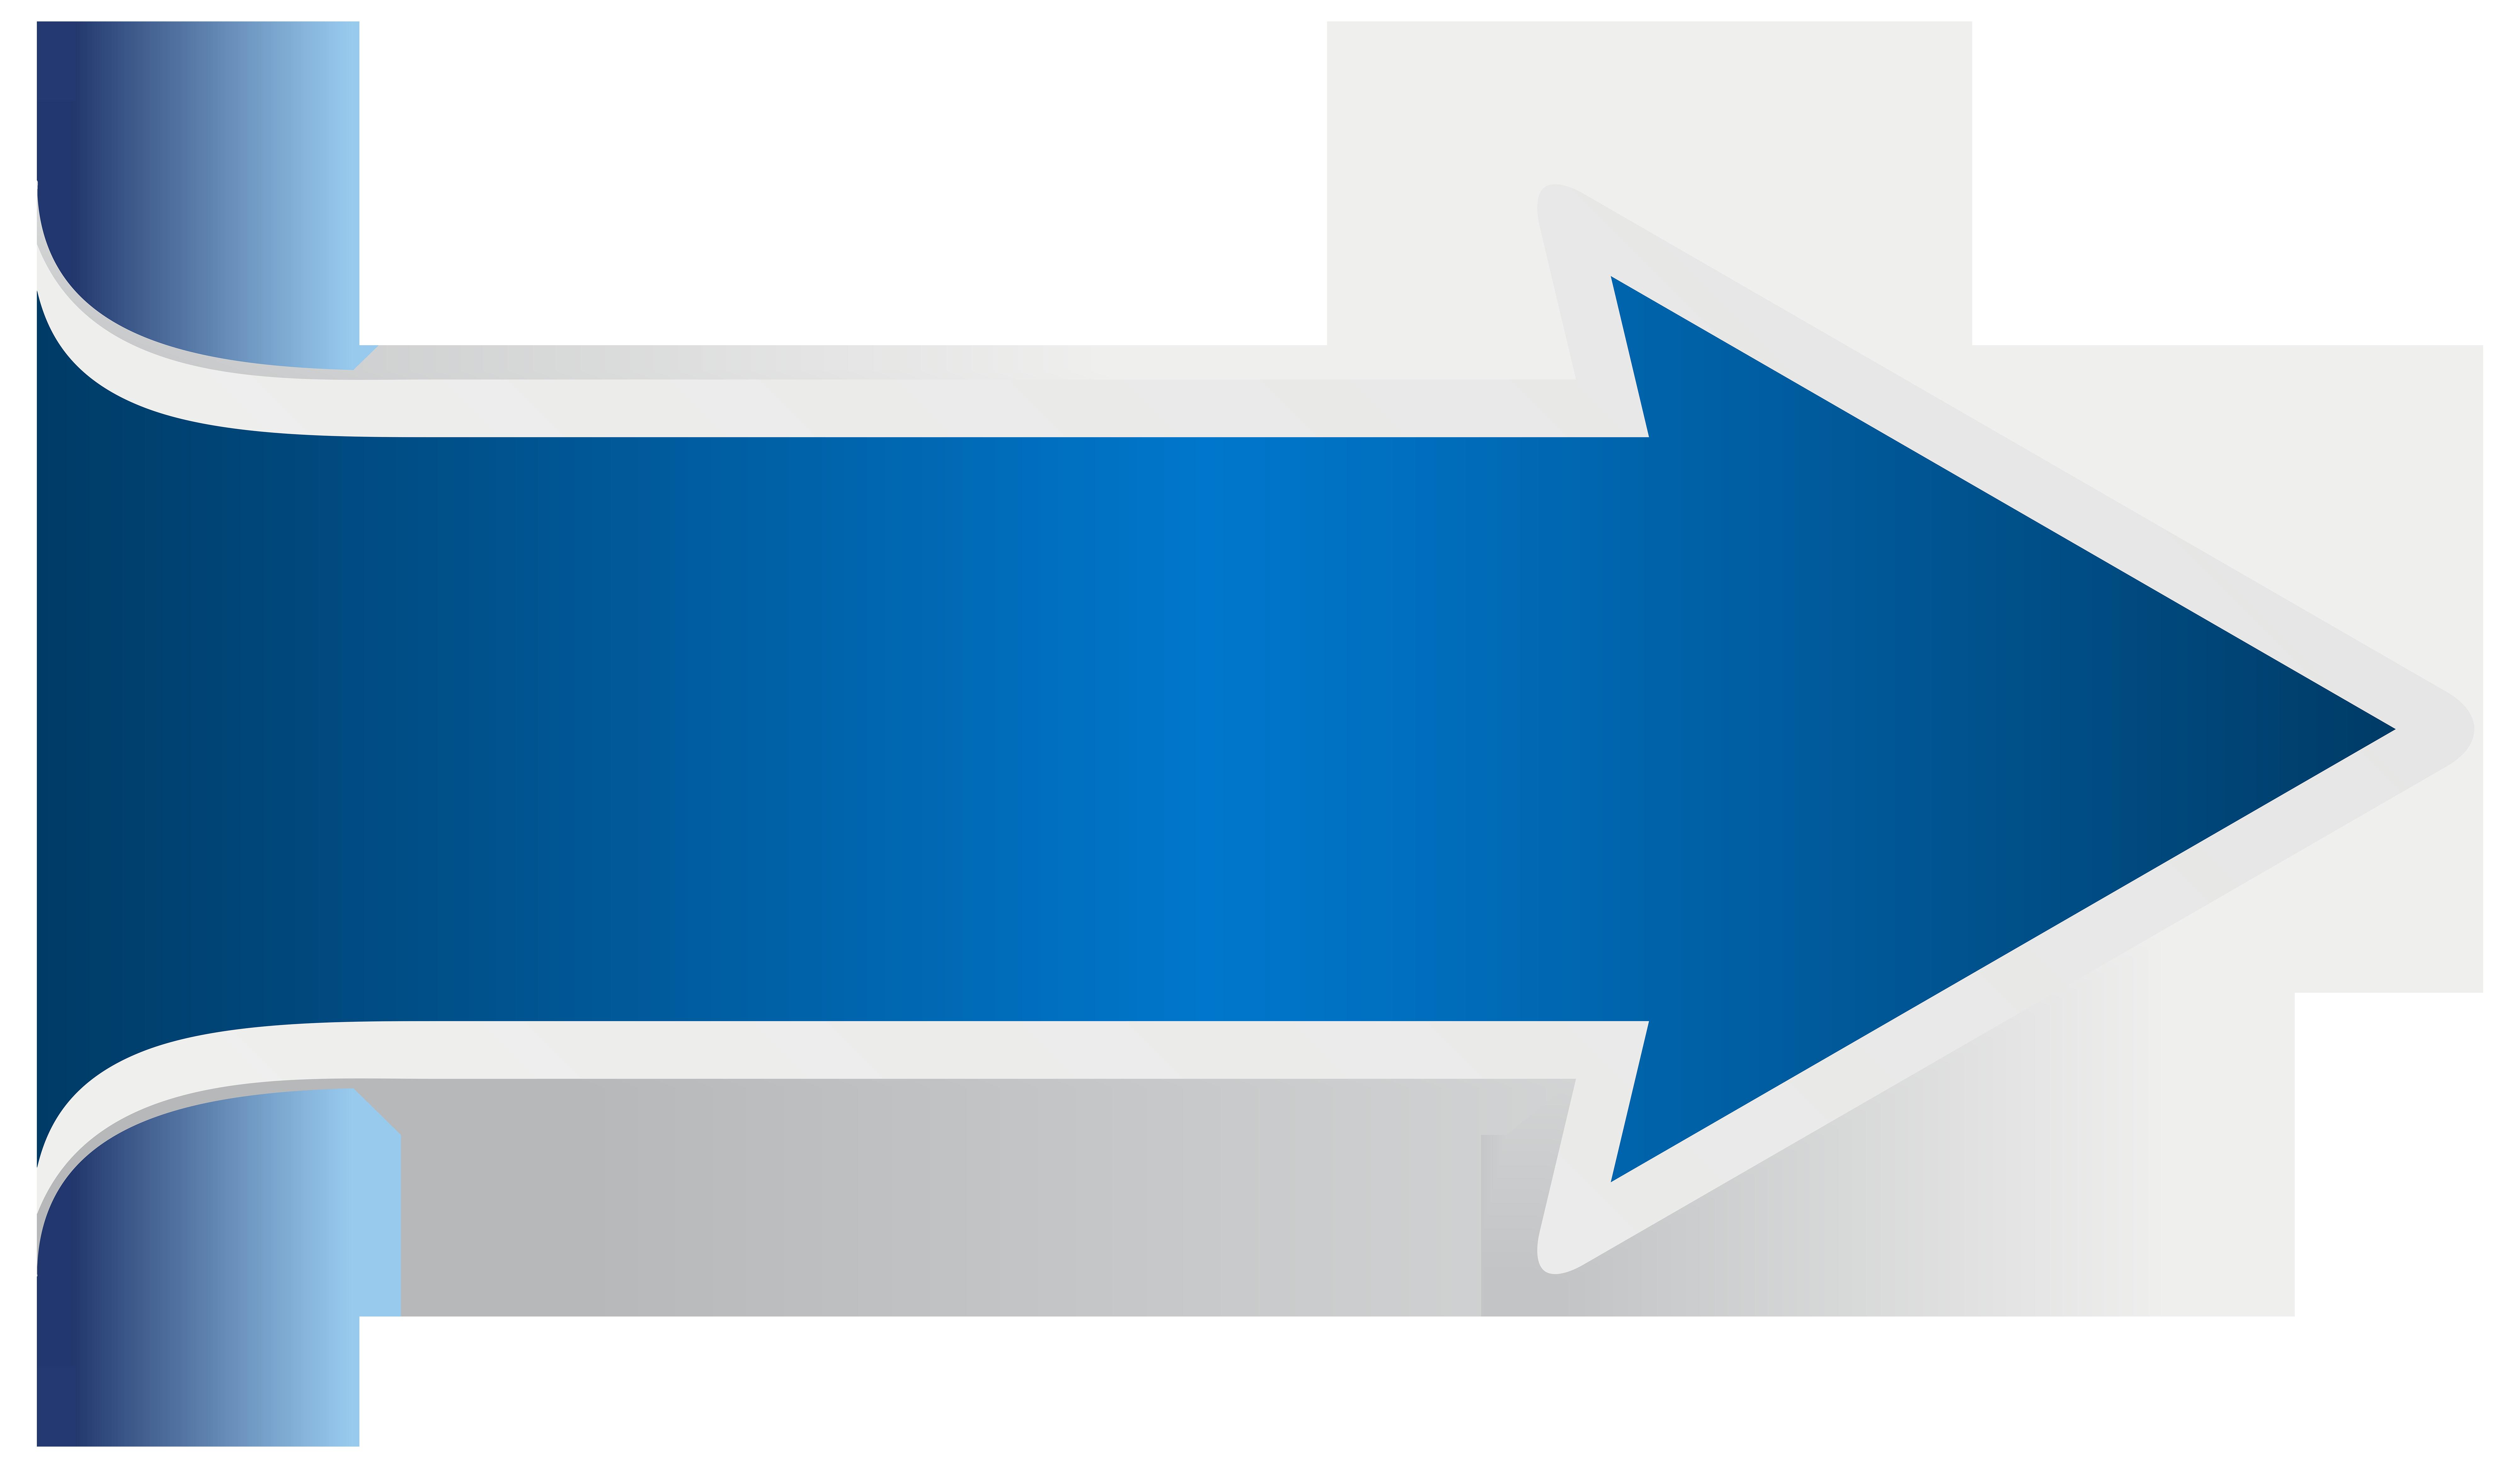 Pin clipart pin drop. Blue arrow png clip